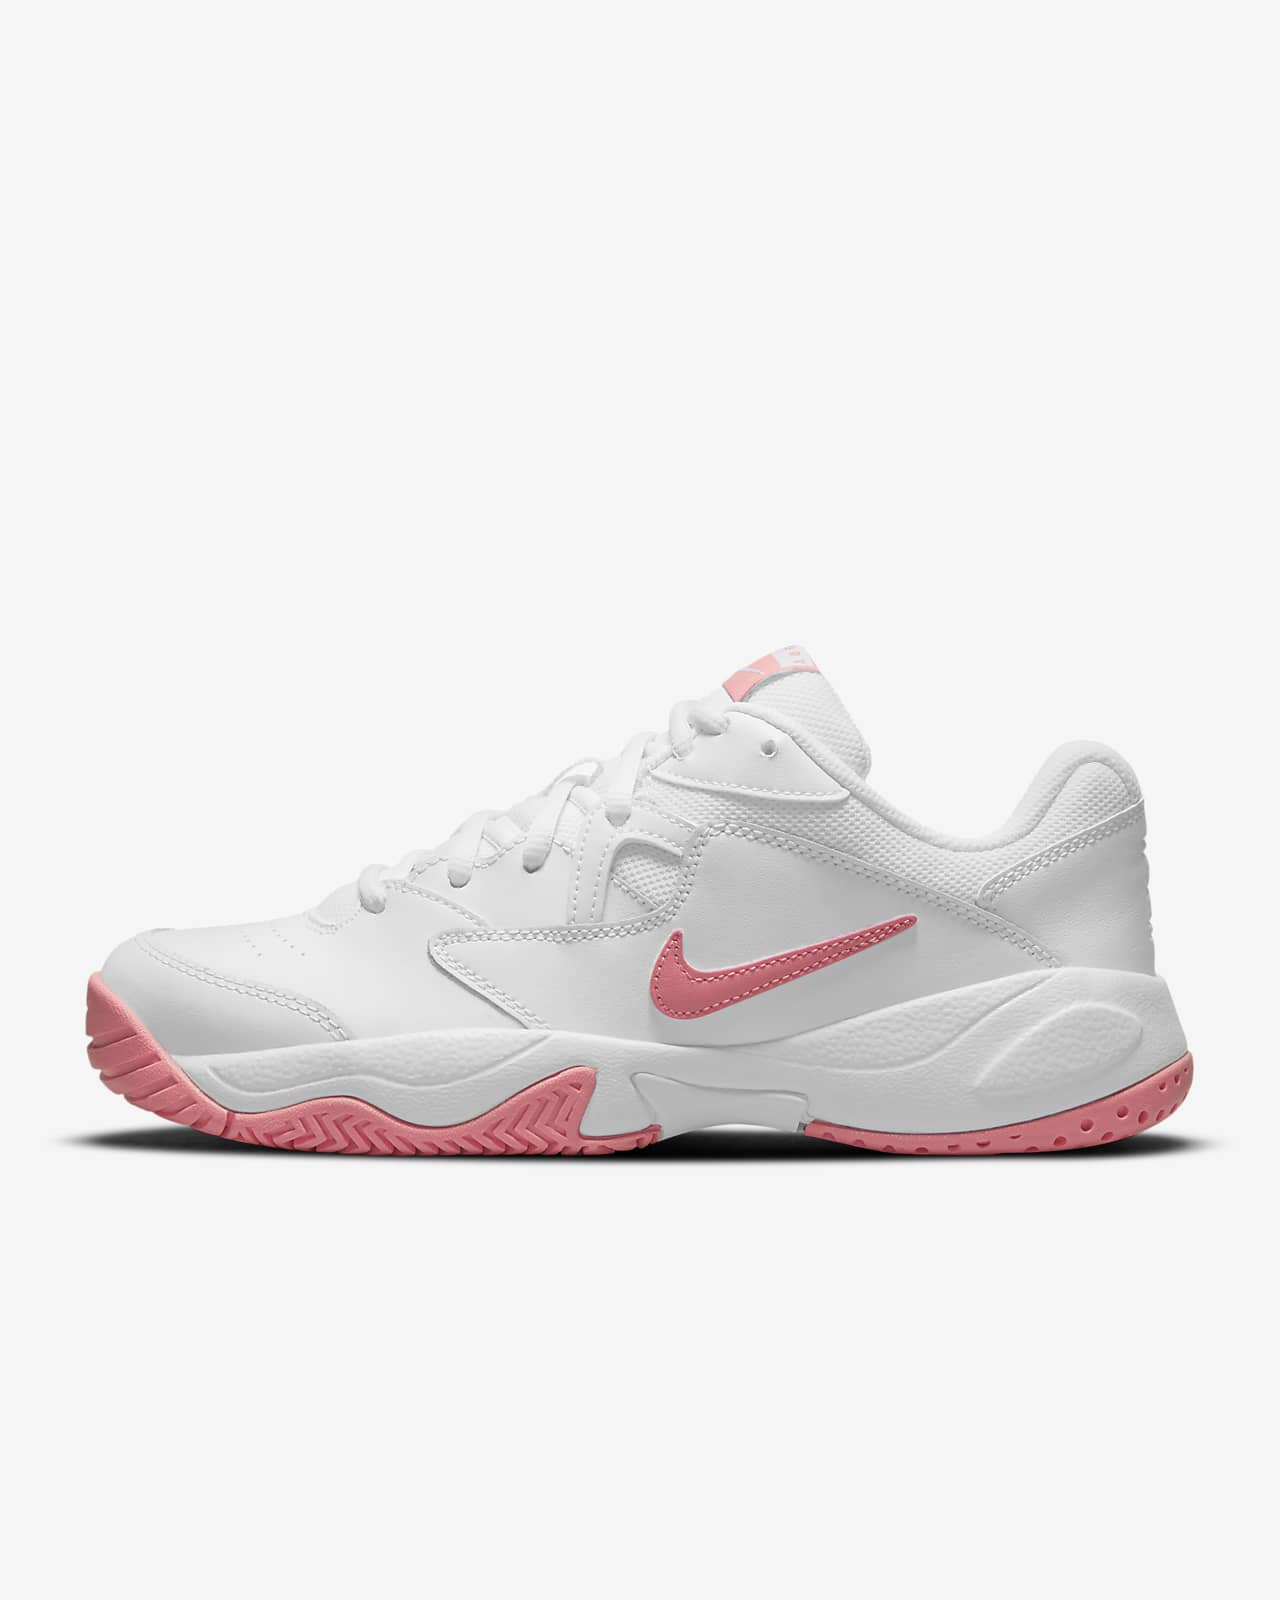 NikeCourt Lite 2 Sabatilles per a pista ràpida de tennis - Dona